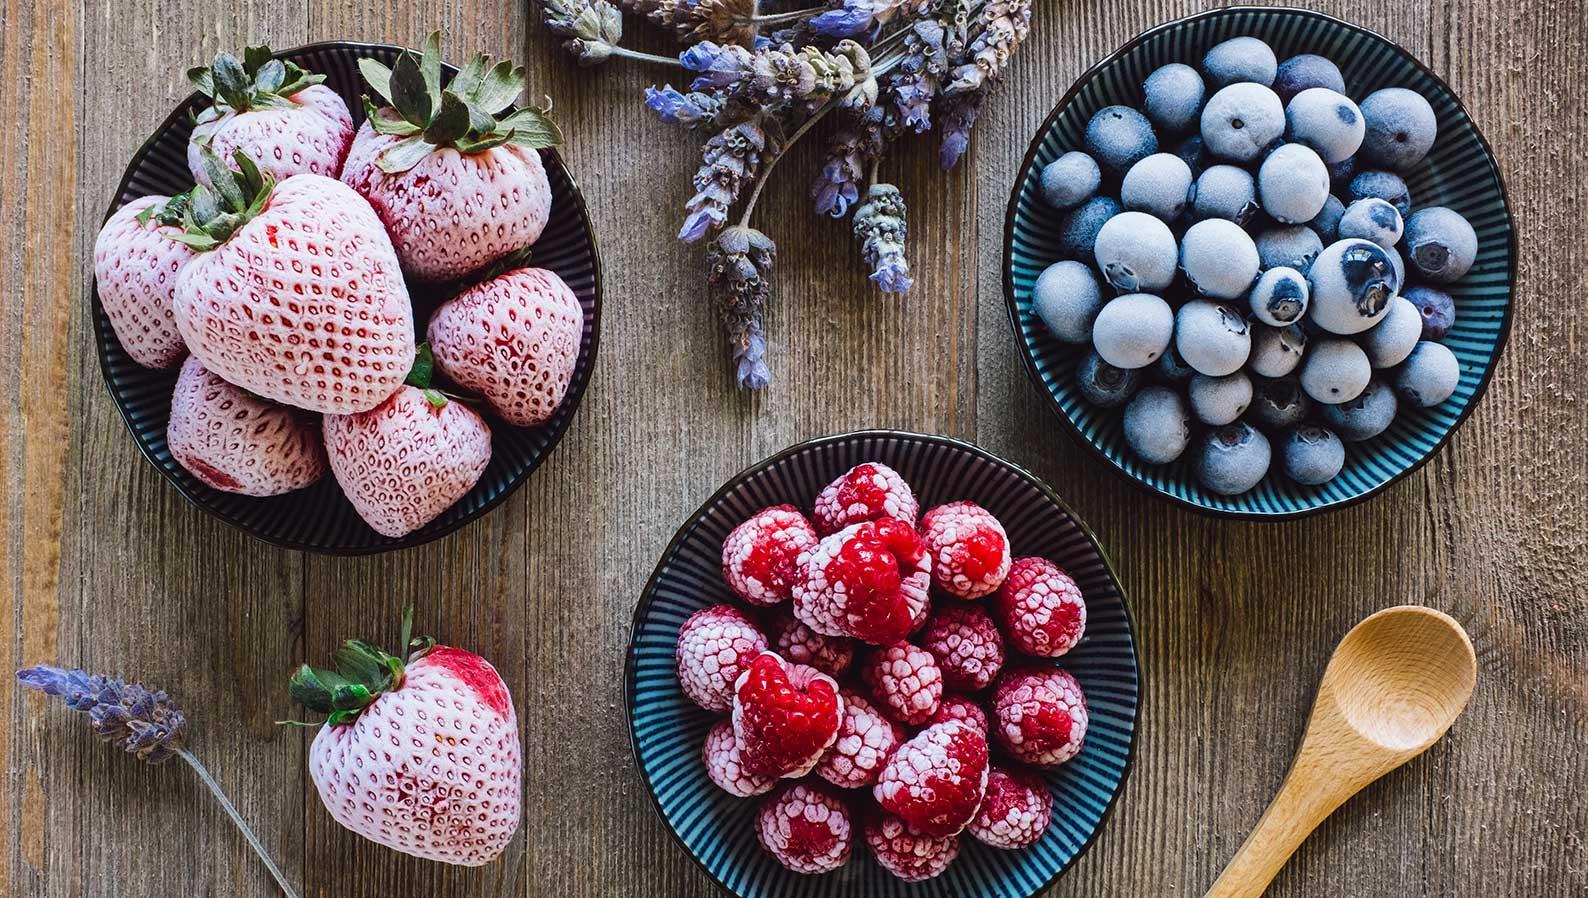 Mrożone owoce – co zrobić, żeby zachowały ładny wygląd?